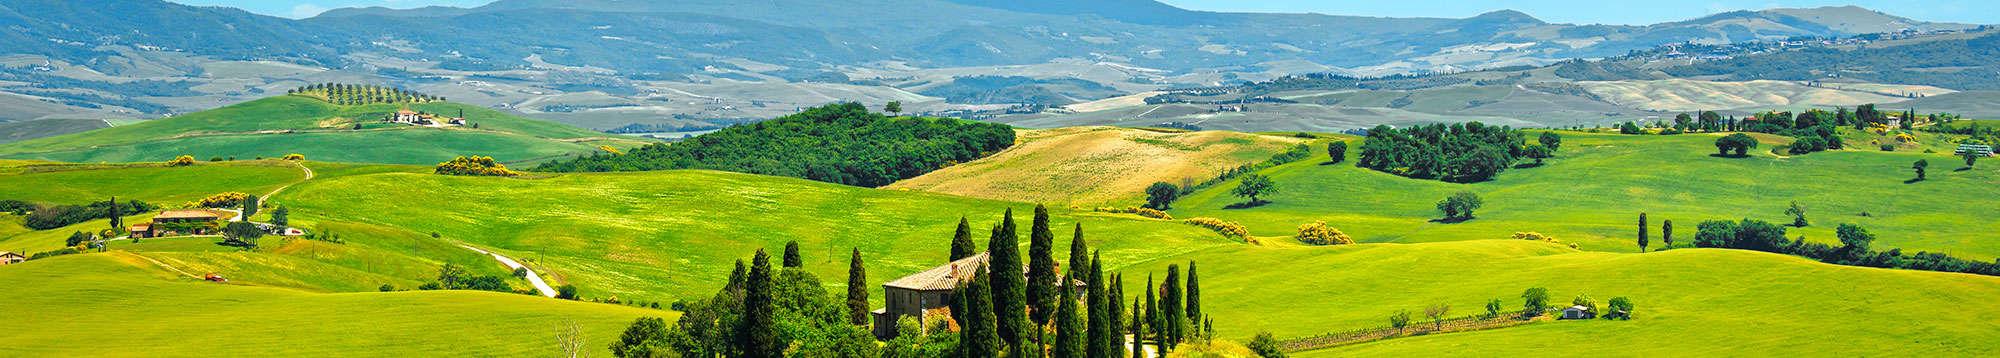 Week-end et séjour Monteroni d'Arbia